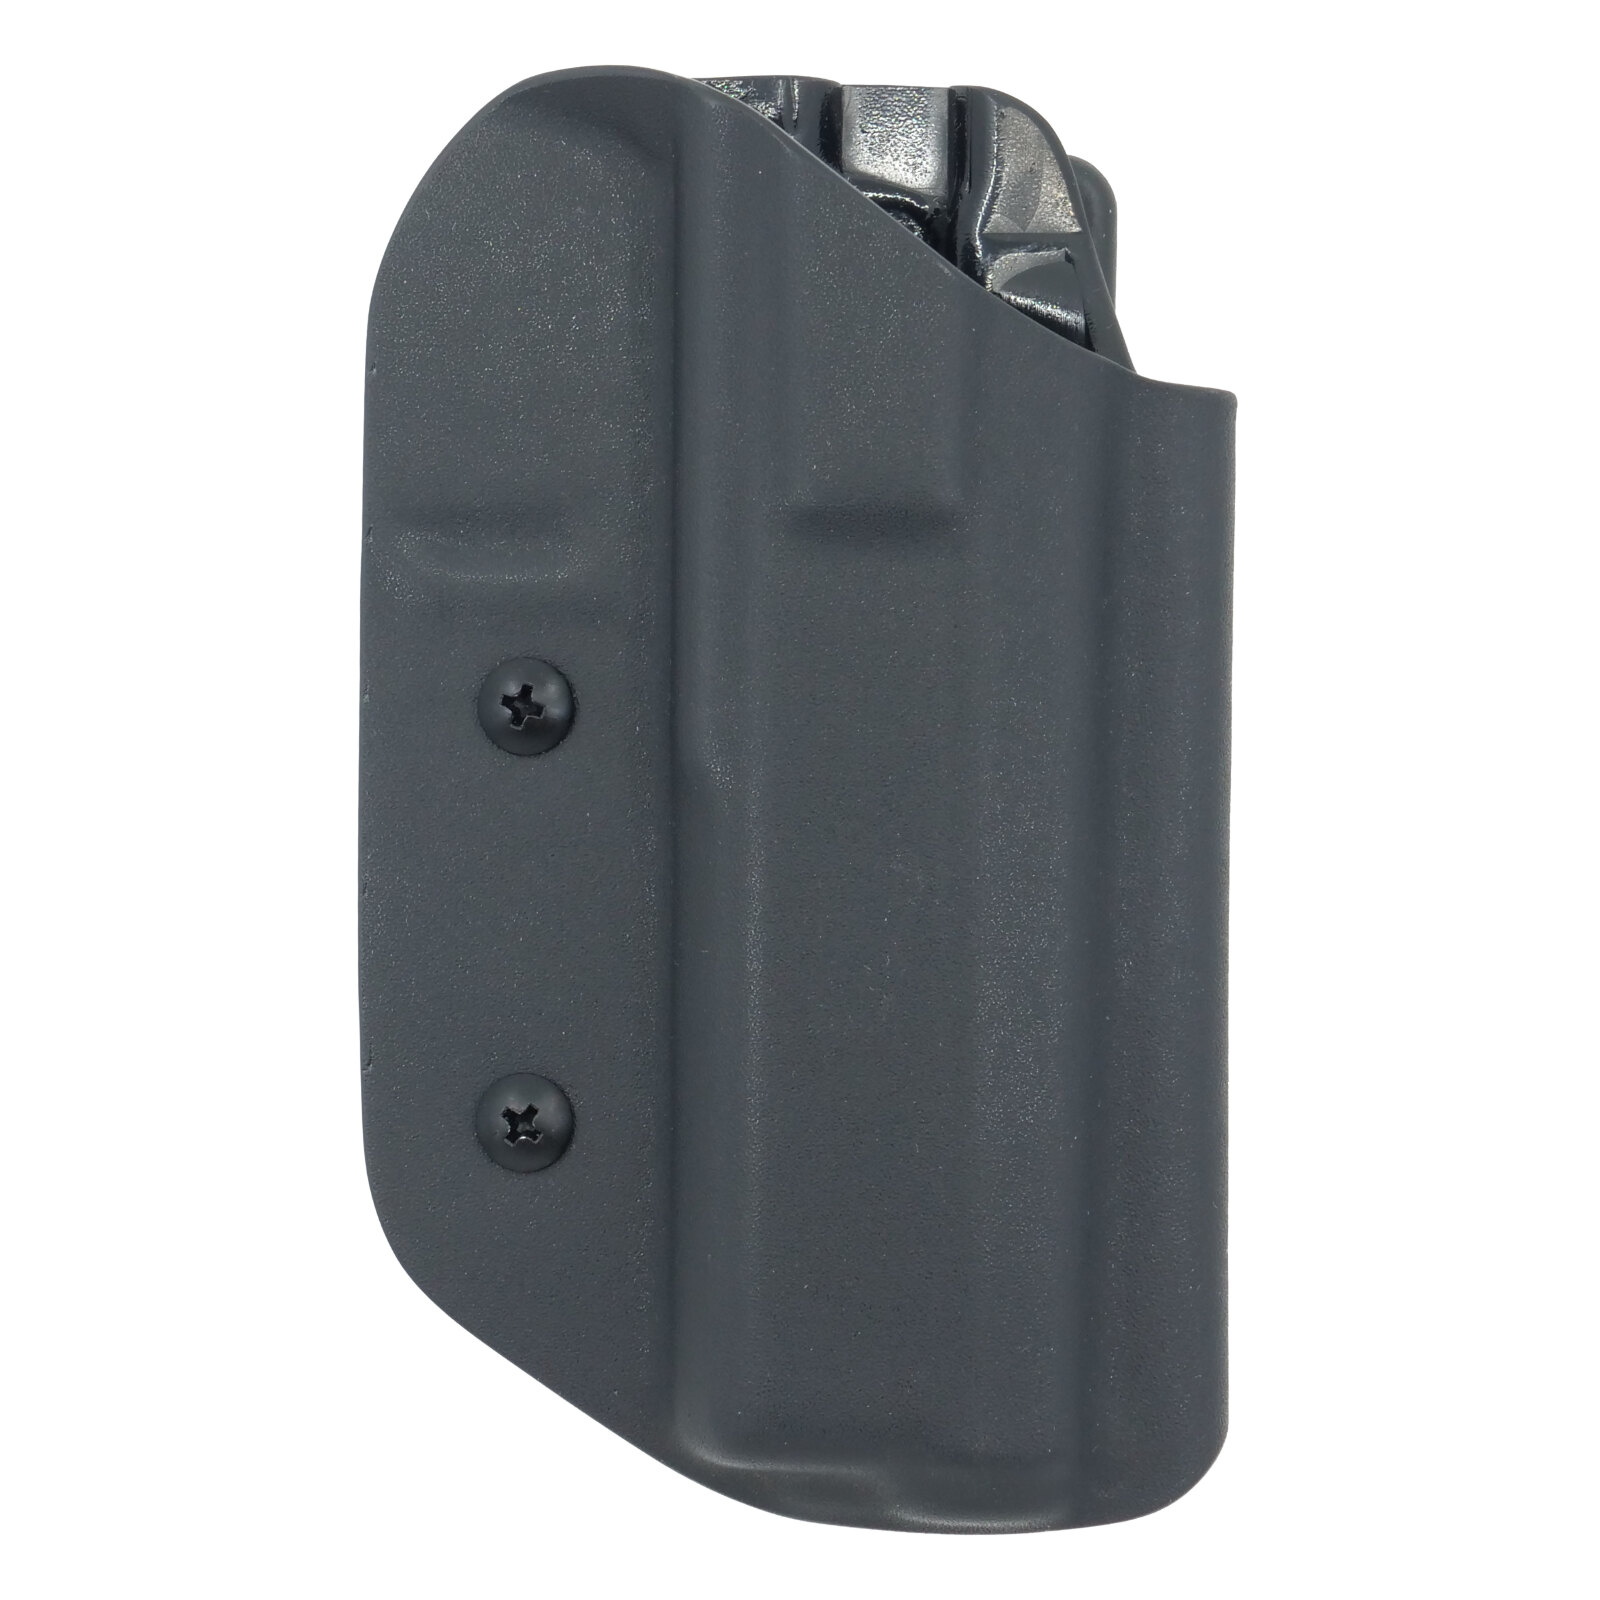 OWB CZ Shadow 2 - vnější sportovní pistolové pouzdro RH Holsters® – Tek-Lok, Černá (Barva: Černá, Typ uchycení: Tek-Lok)